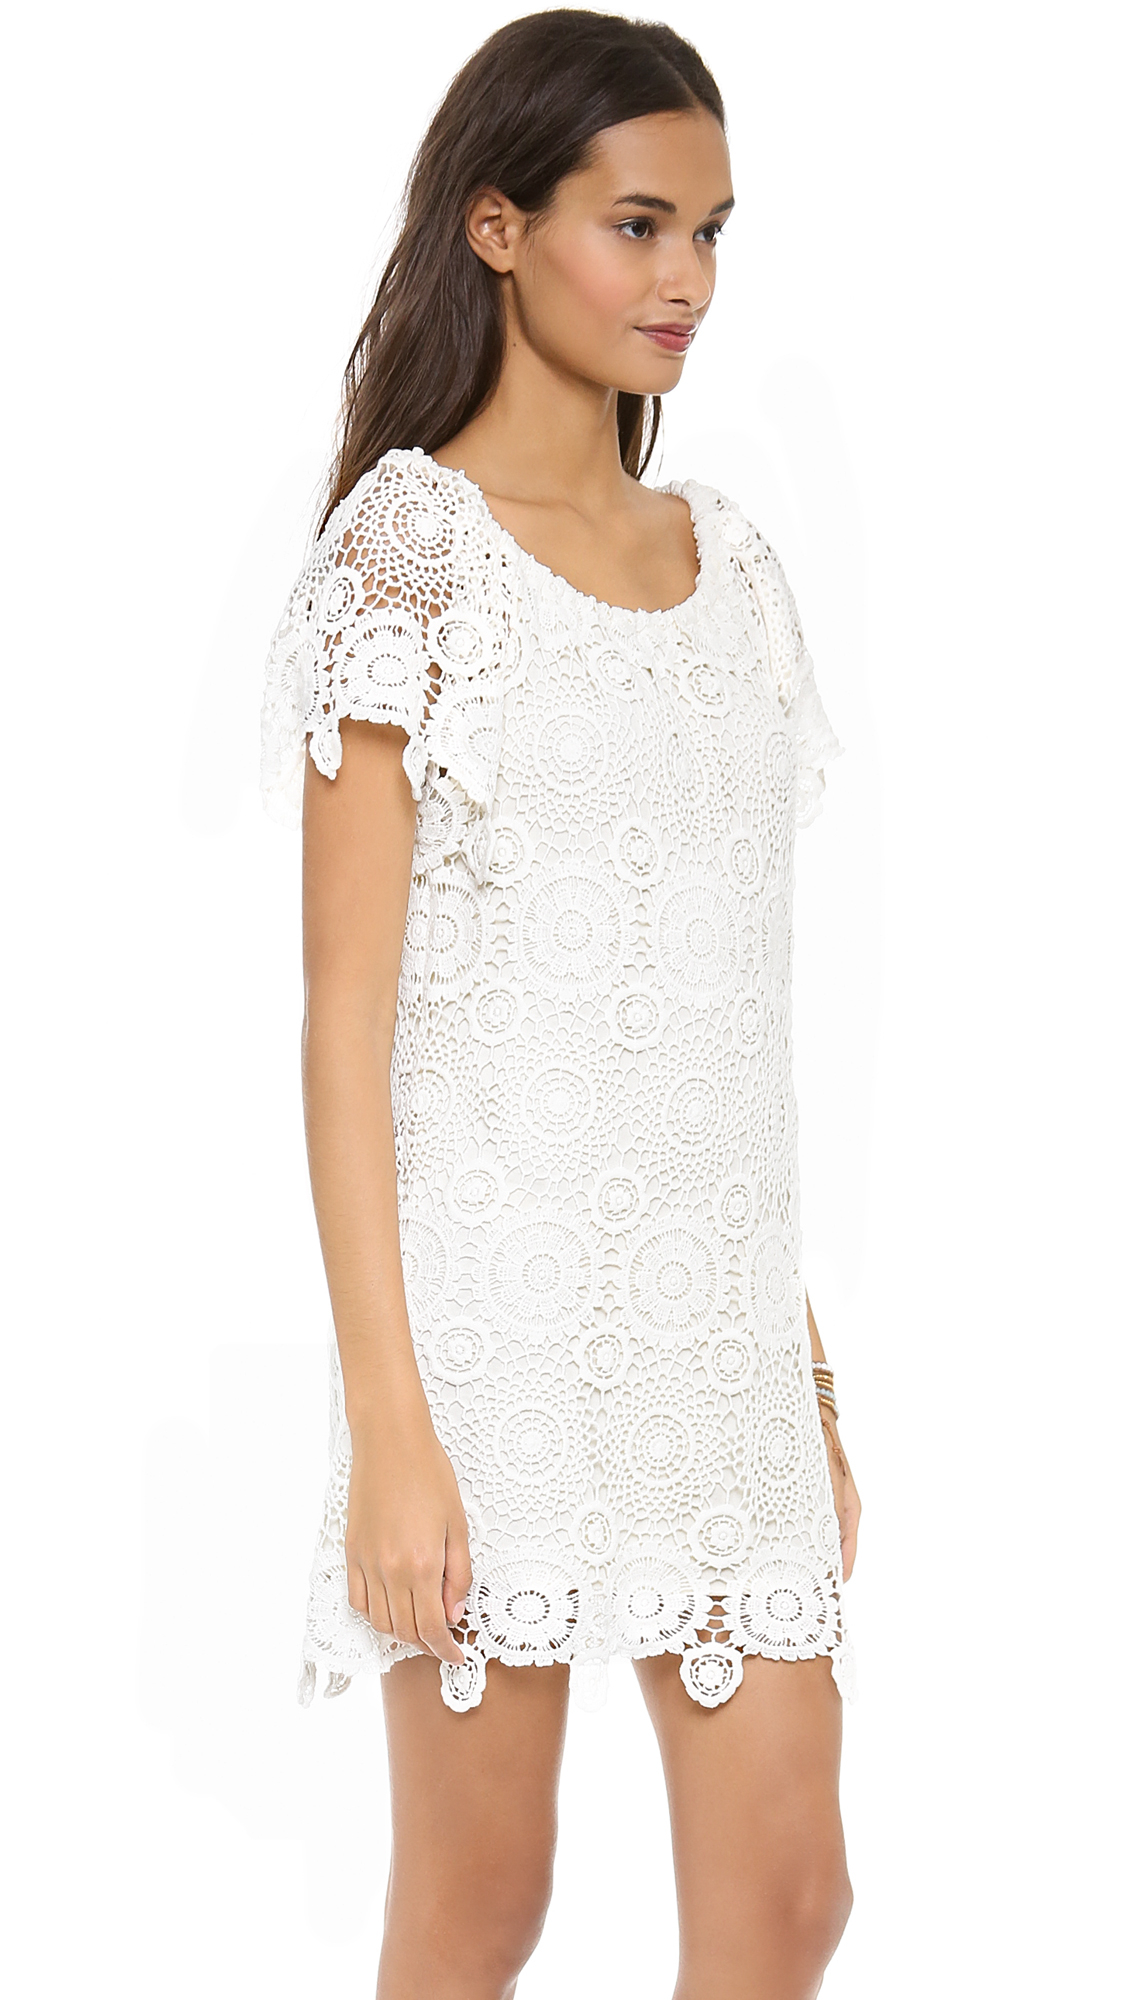 a6c03f469a0 Nightcap Carmen Crochet Dress Natural in White - Lyst